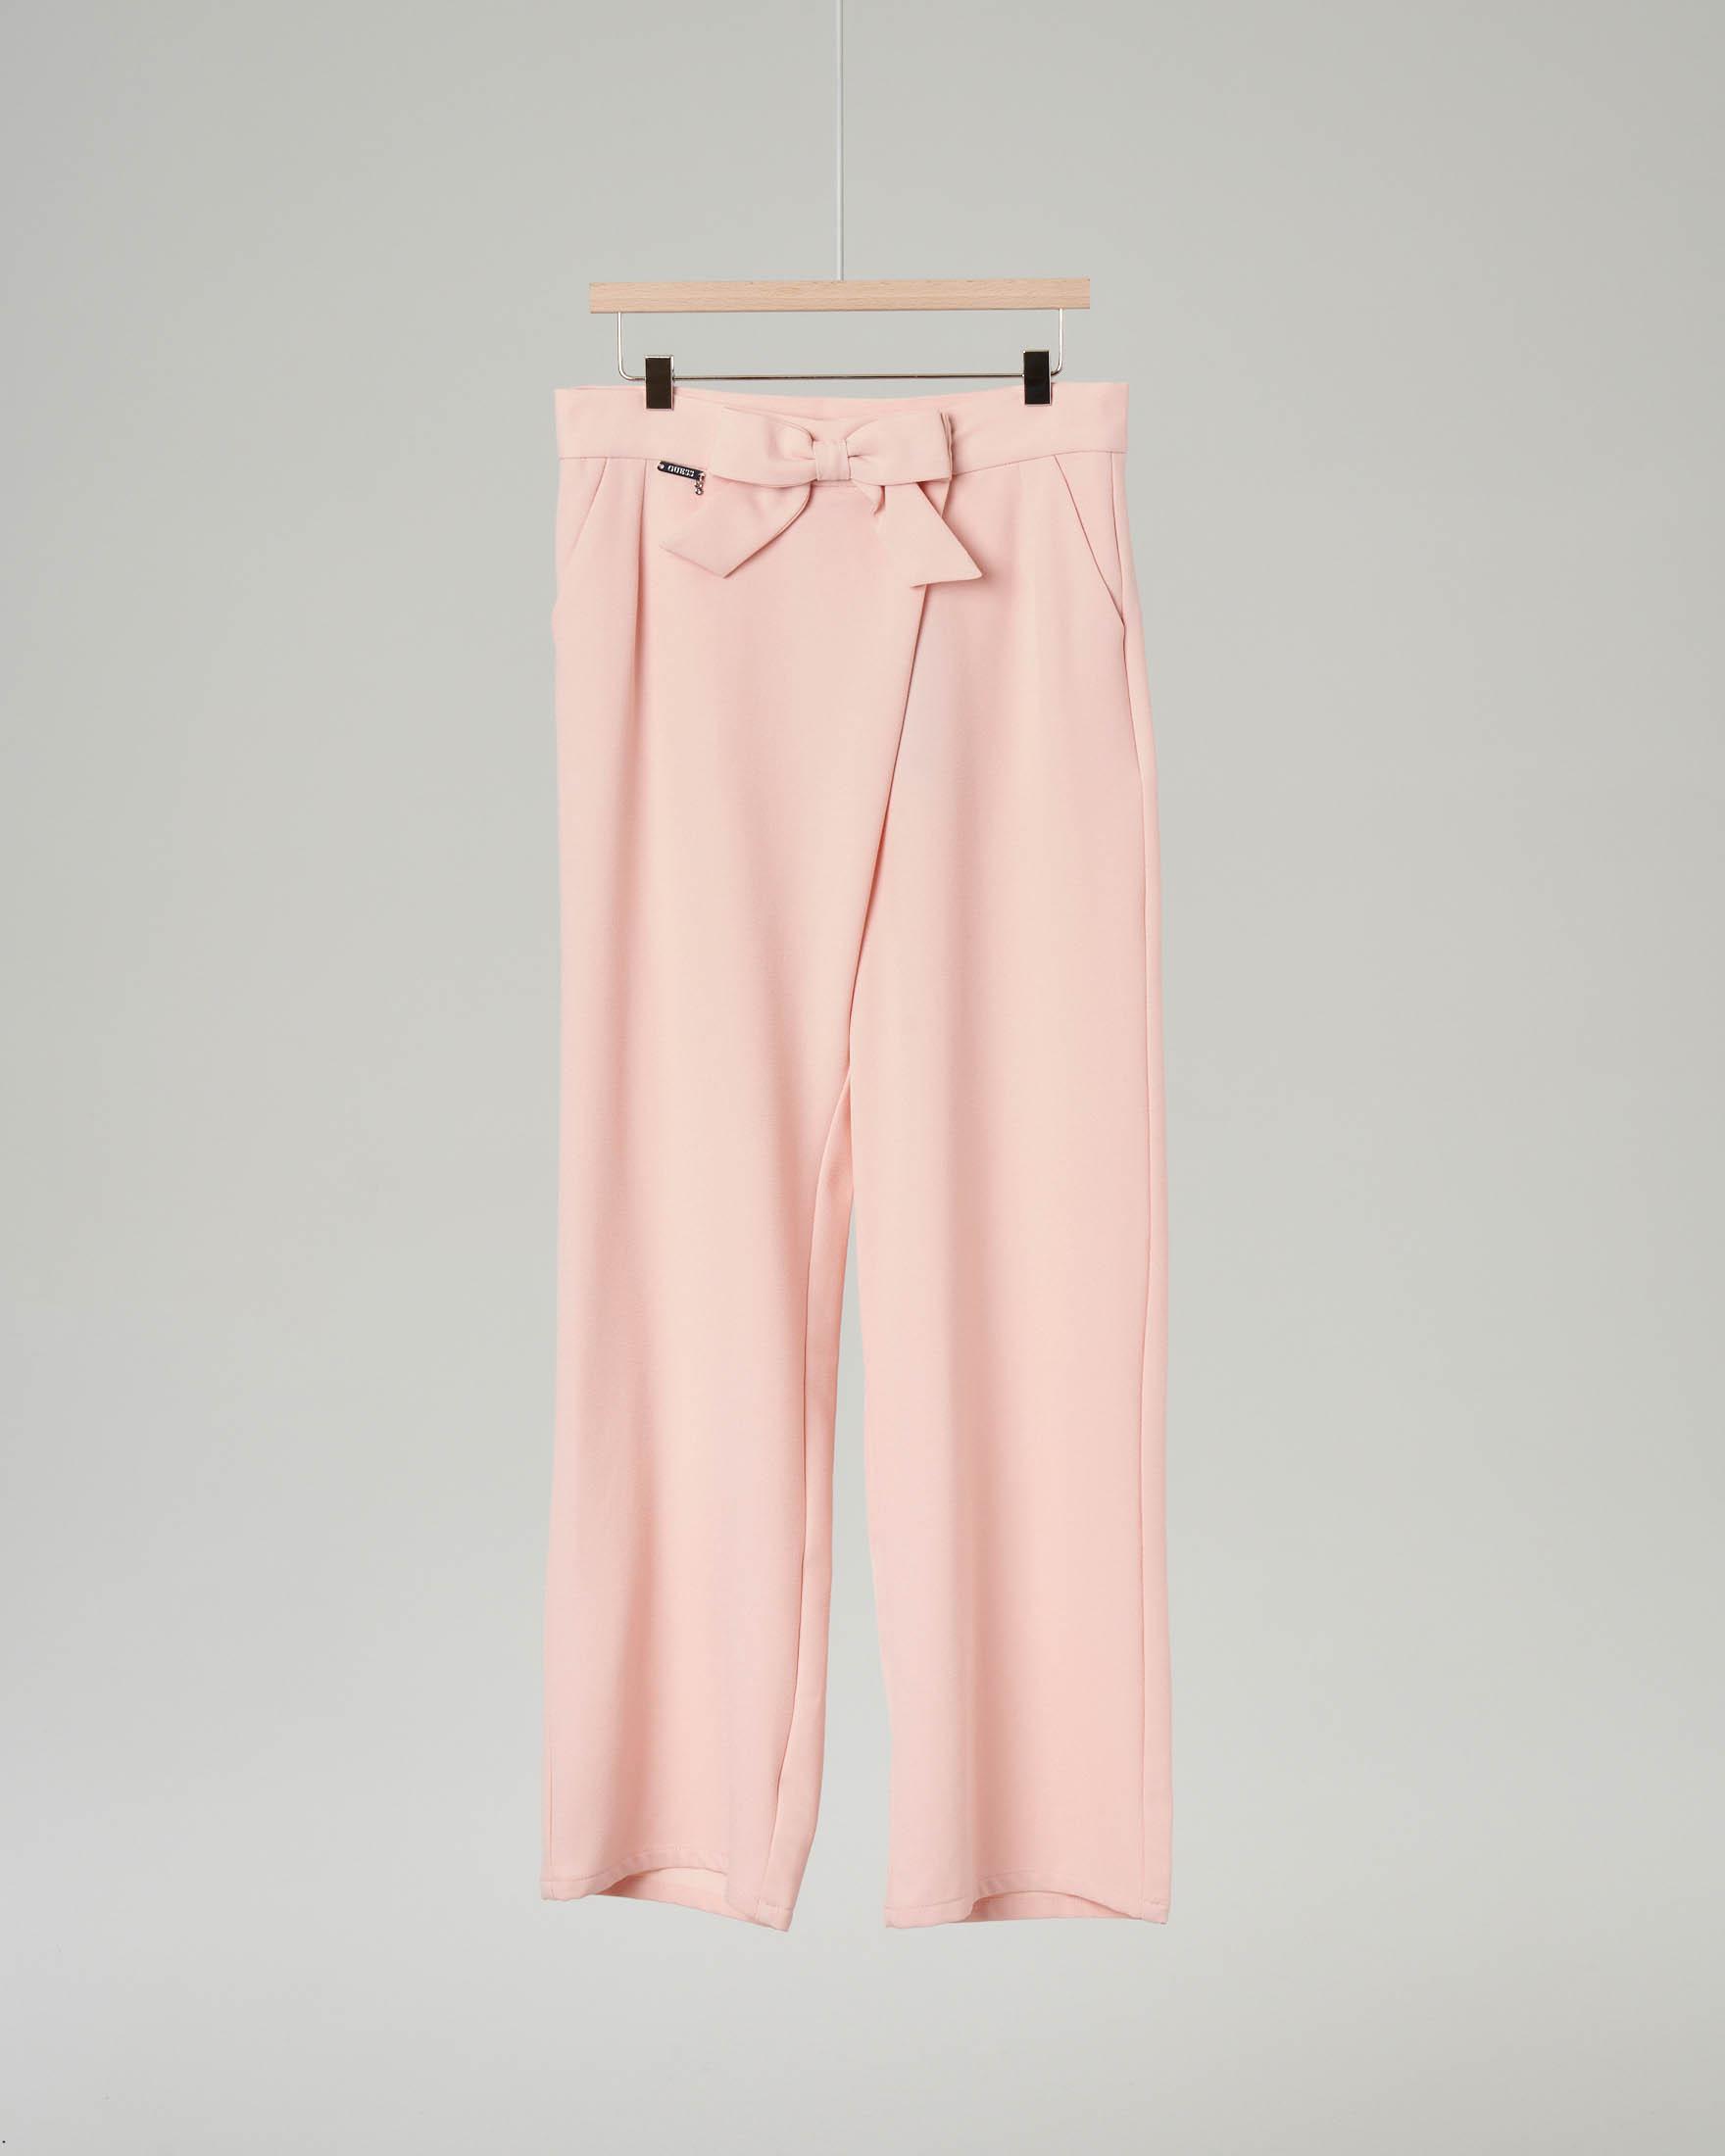 Pantaloni rosa con fiocco in vita